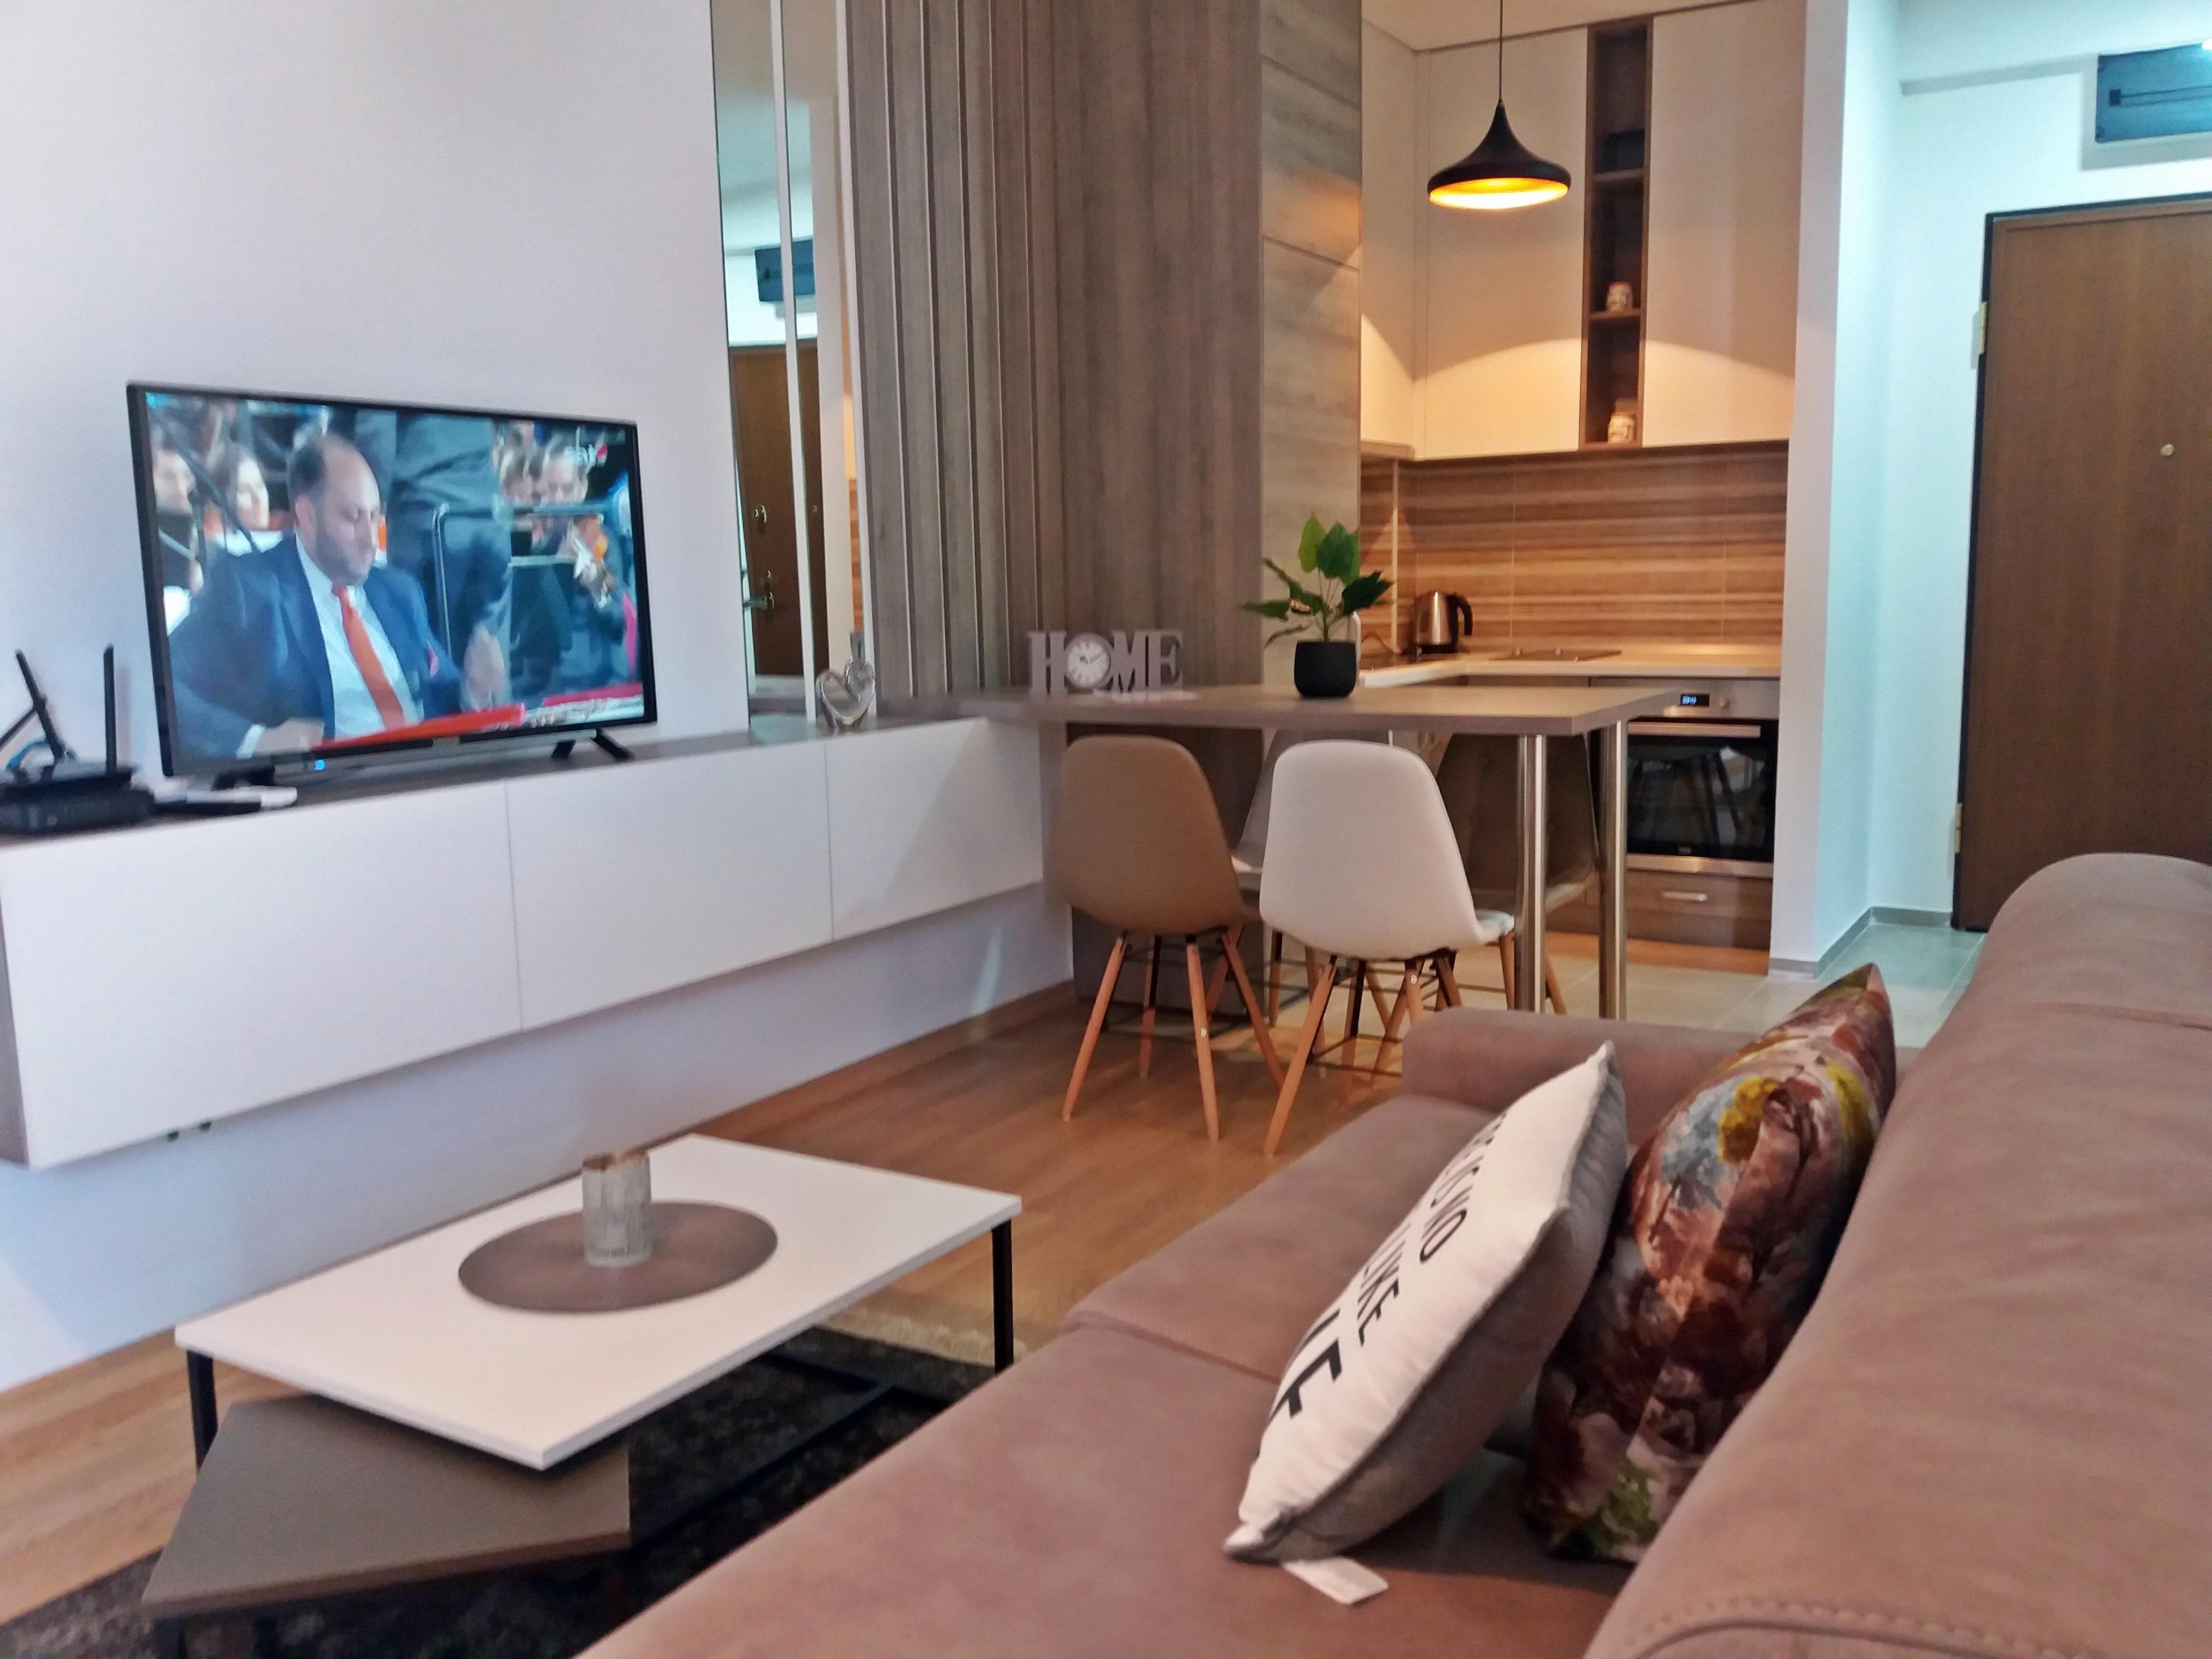 NewLine Montenegro - Luxury City one bedroom apartment C56 - Slika 6